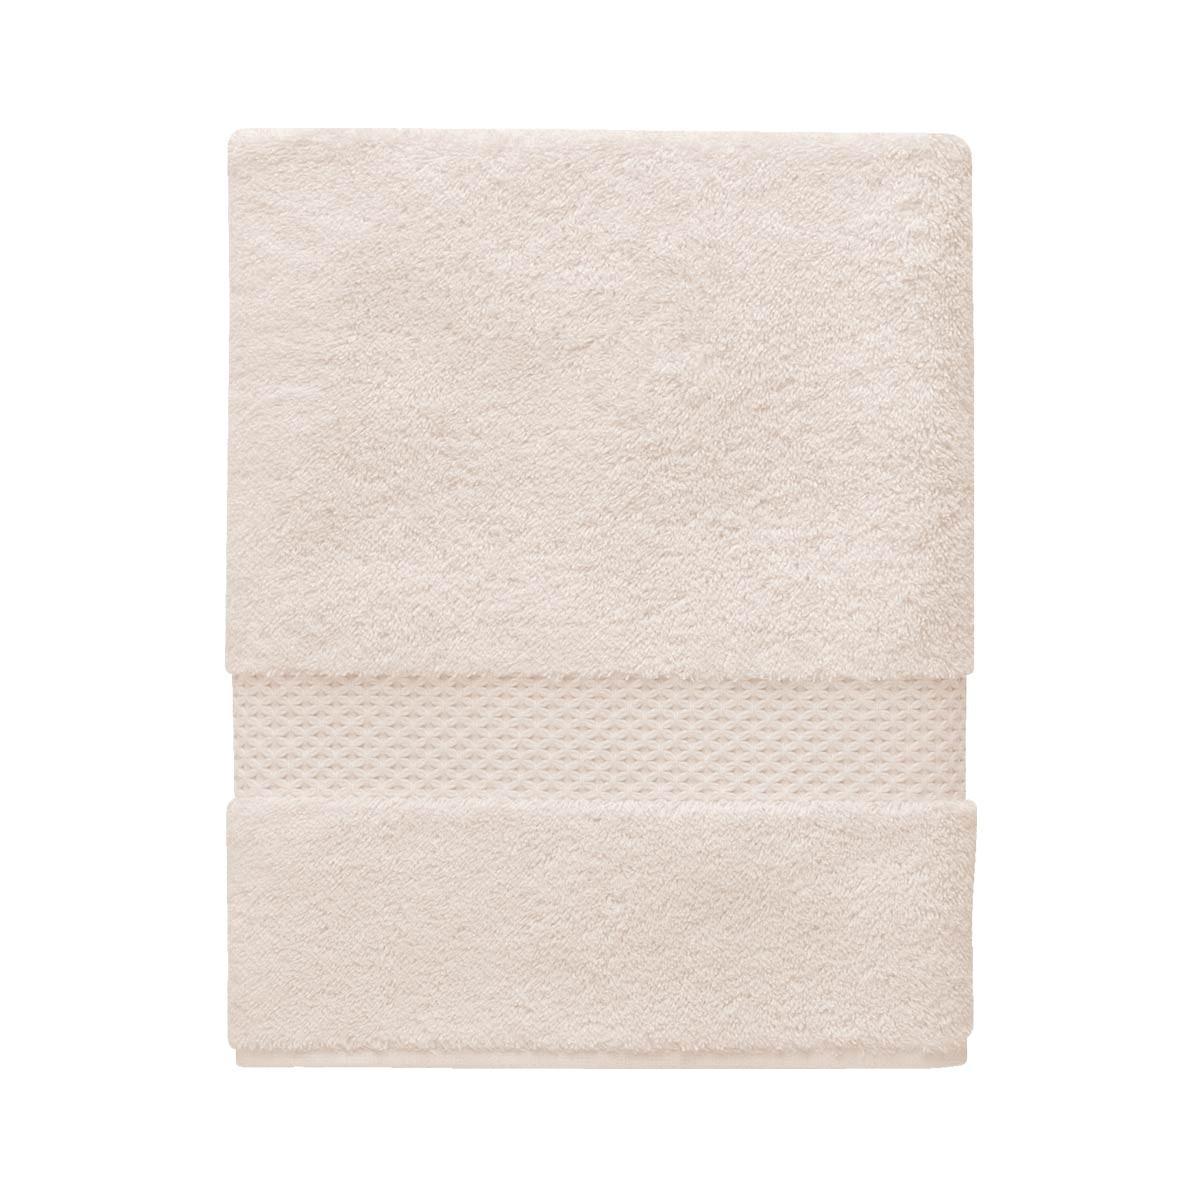 Etoile Nacre Guest Towel 45x70cm